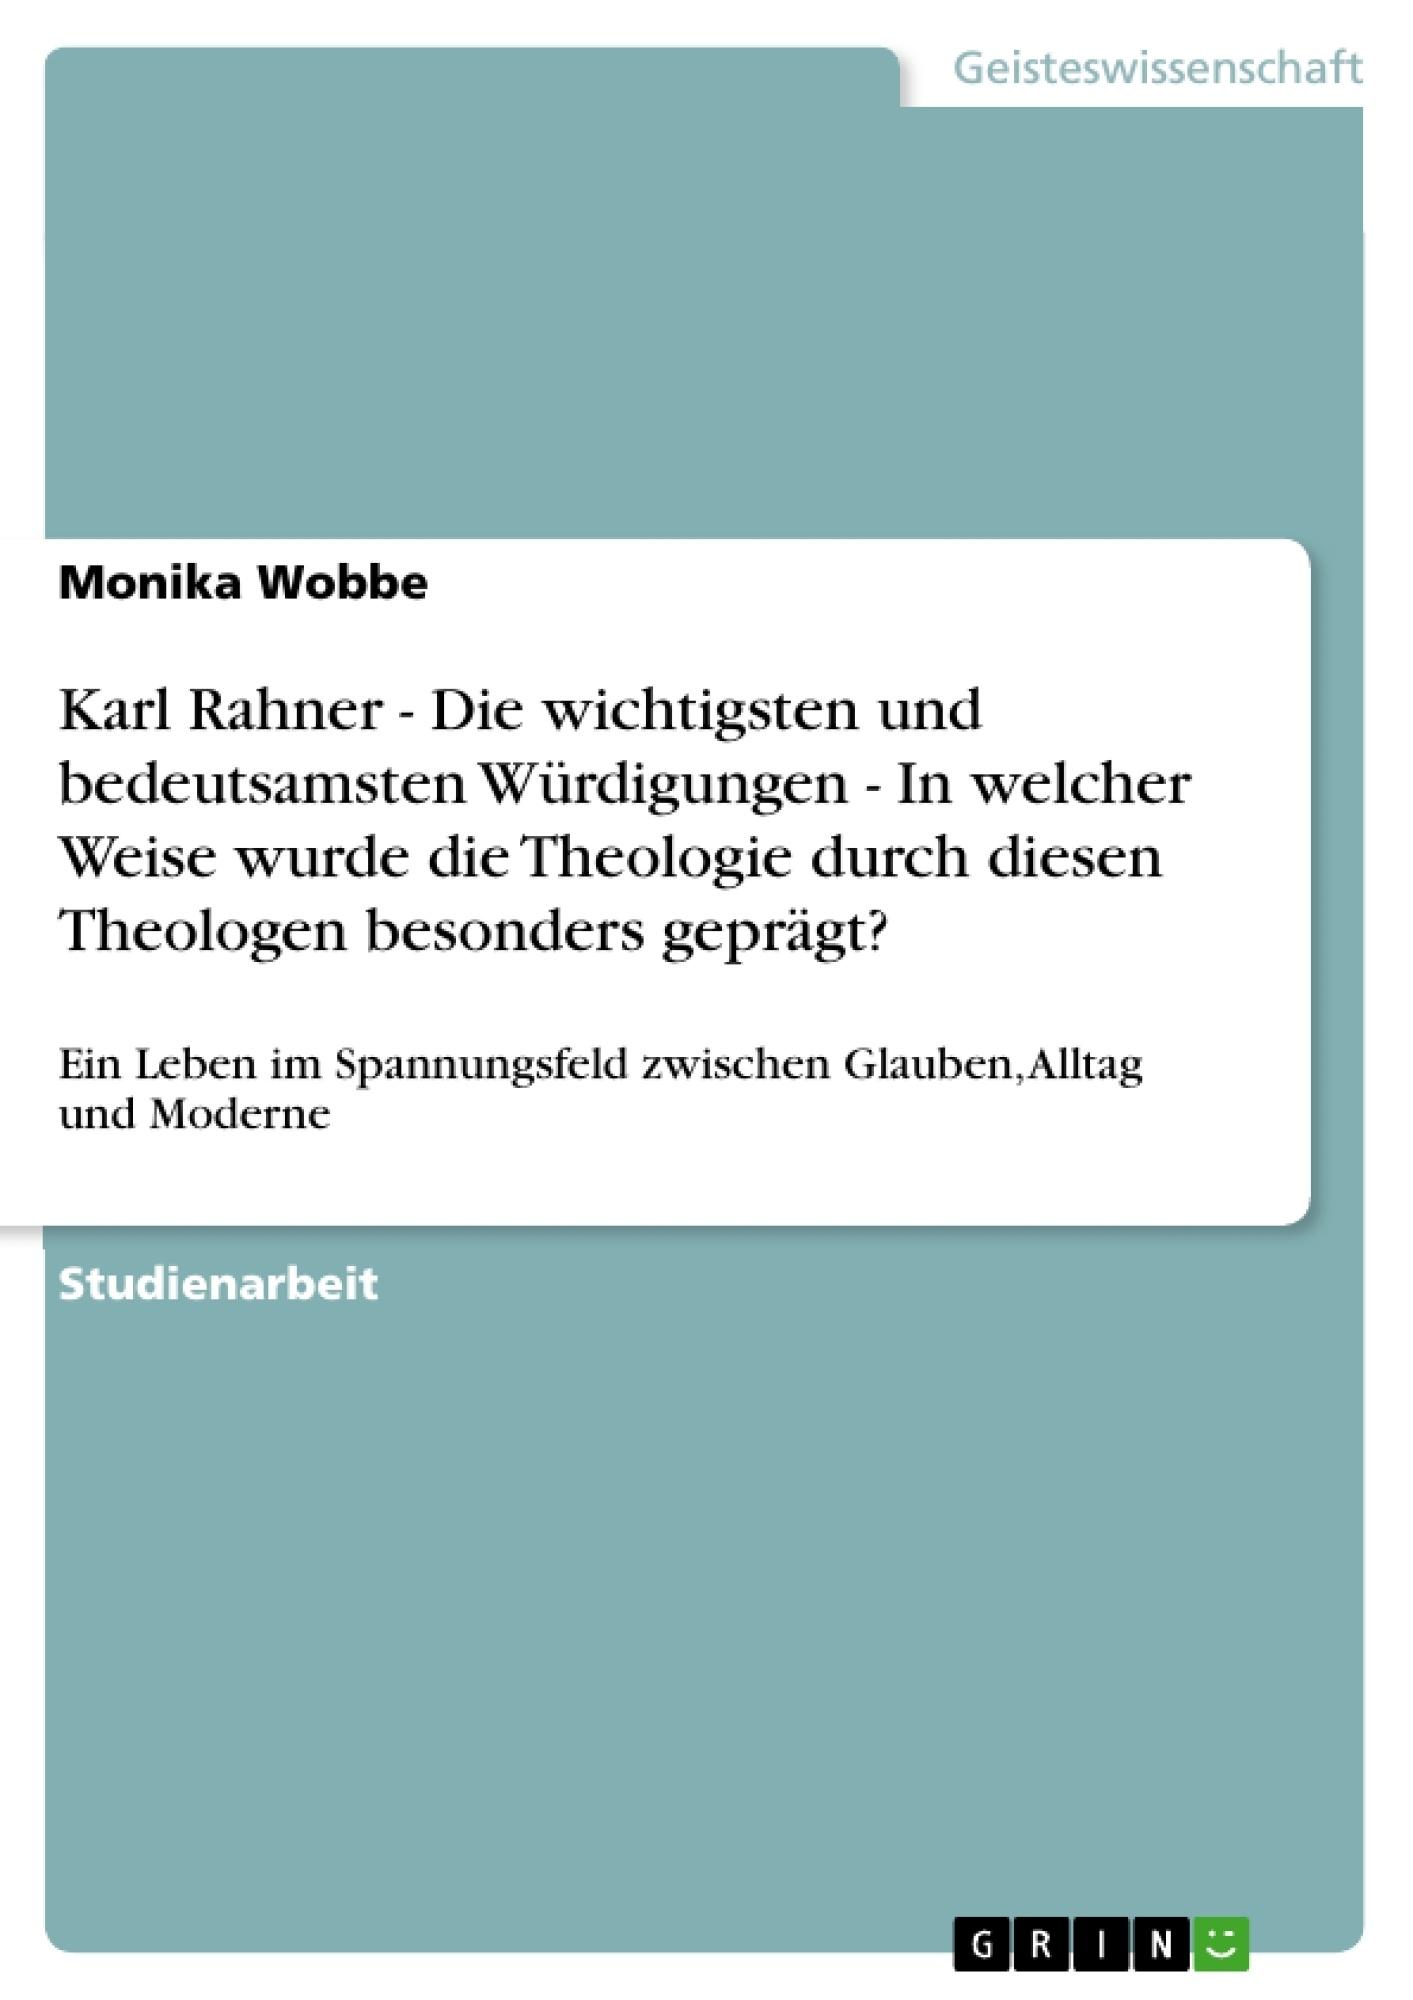 Titel: Karl Rahner  -  Die wichtigsten und bedeutsamsten Würdigungen - In welcher Weise wurde die Theologie durch diesen Theologen  besonders geprägt?